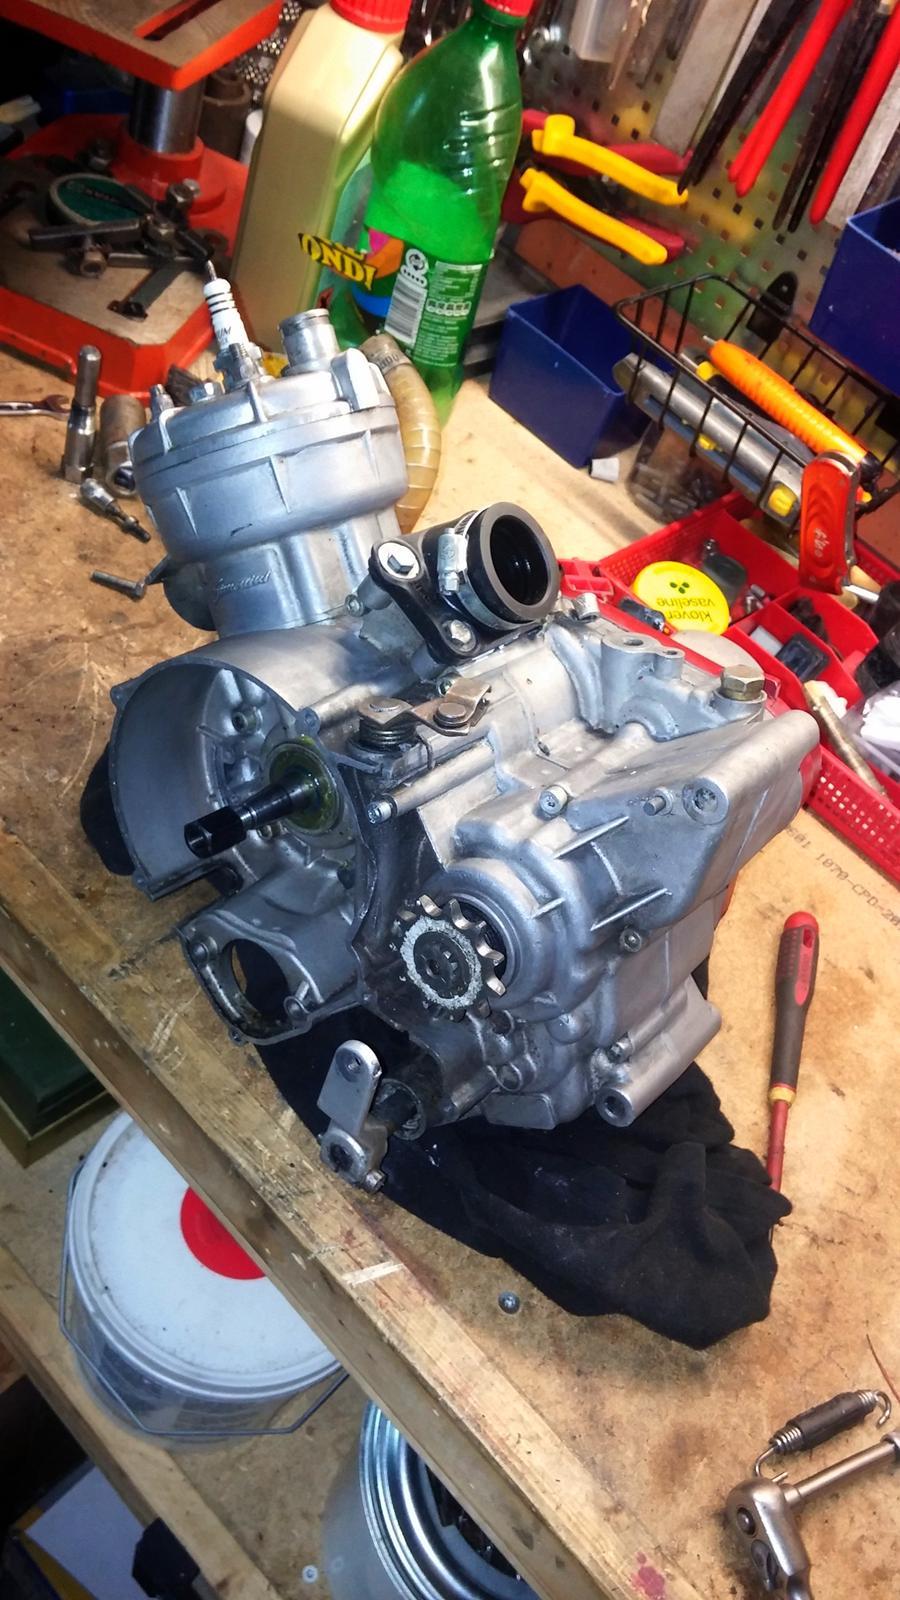 am6 motor - Tuningprojekter - Fotos fra MK - TUNING